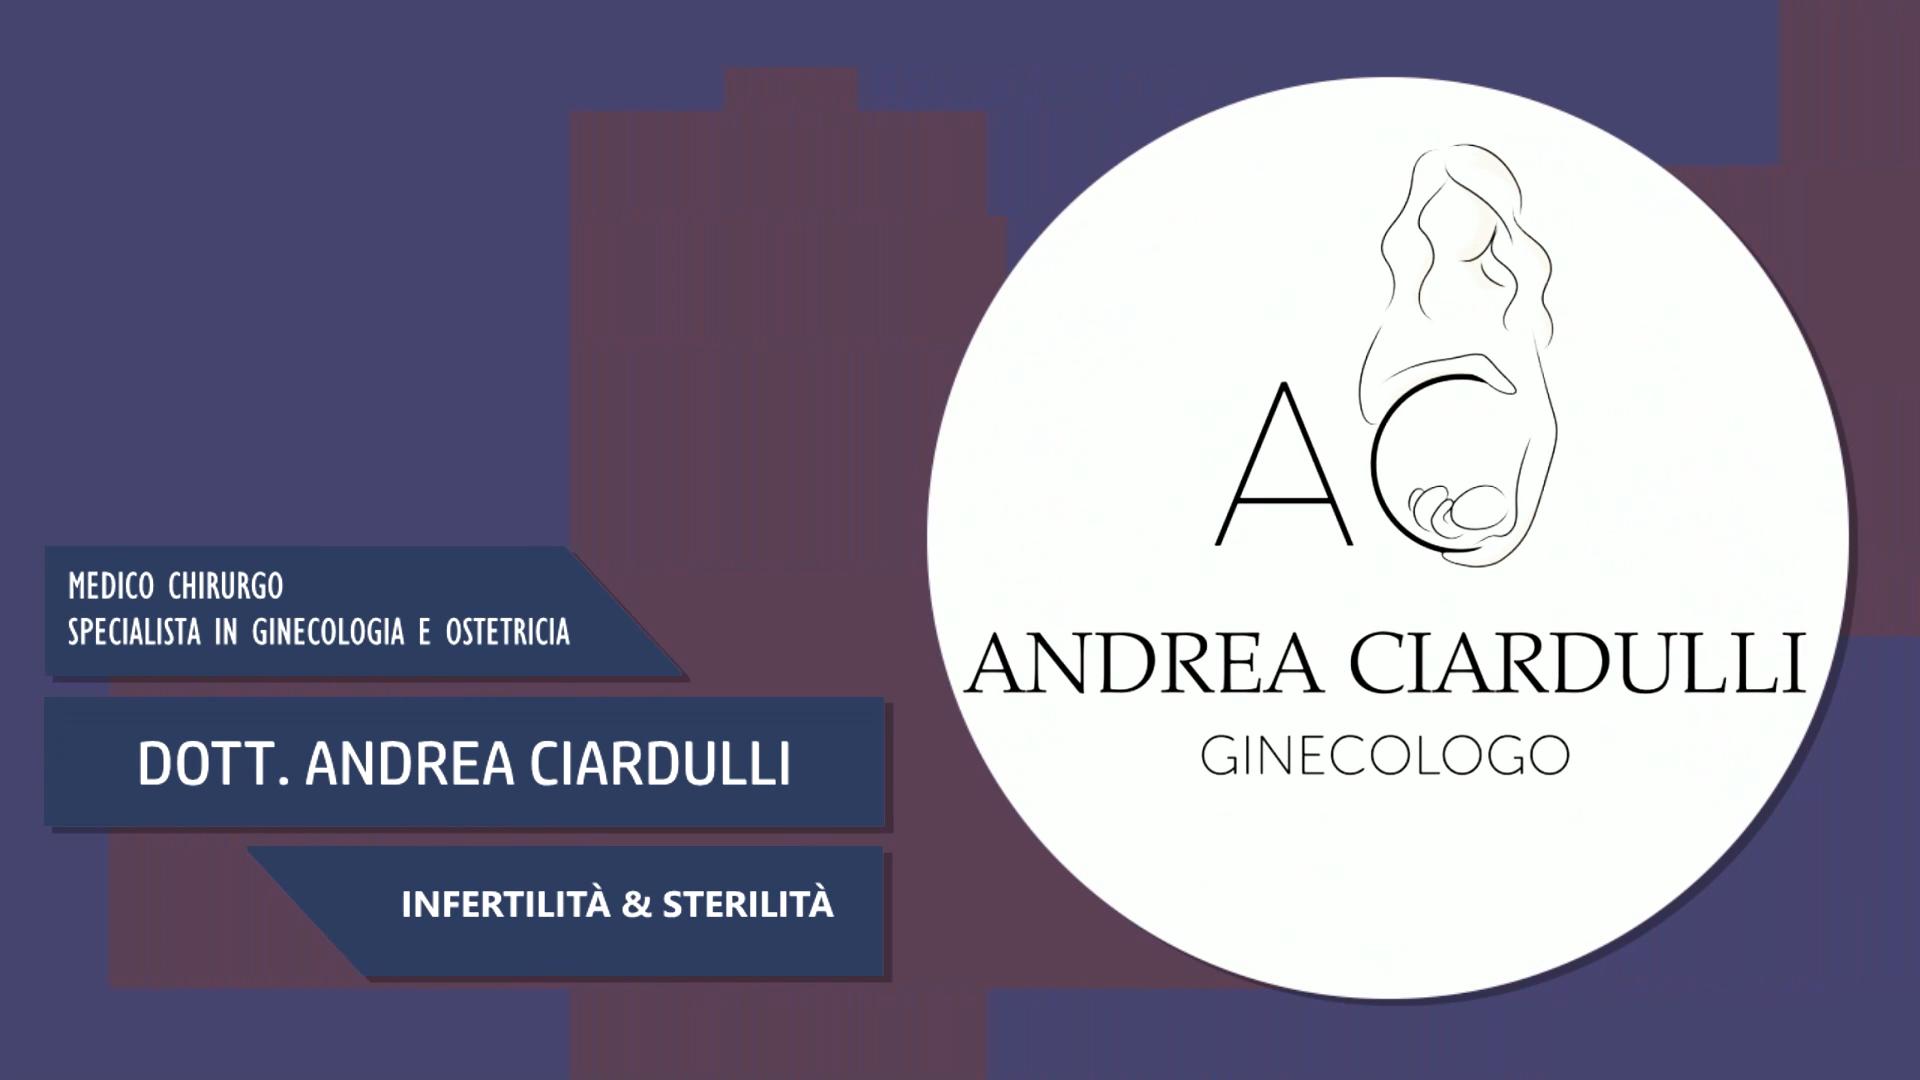 Intervista al Dott. Andrea Ciardulli – Inferitilità & Sterilità